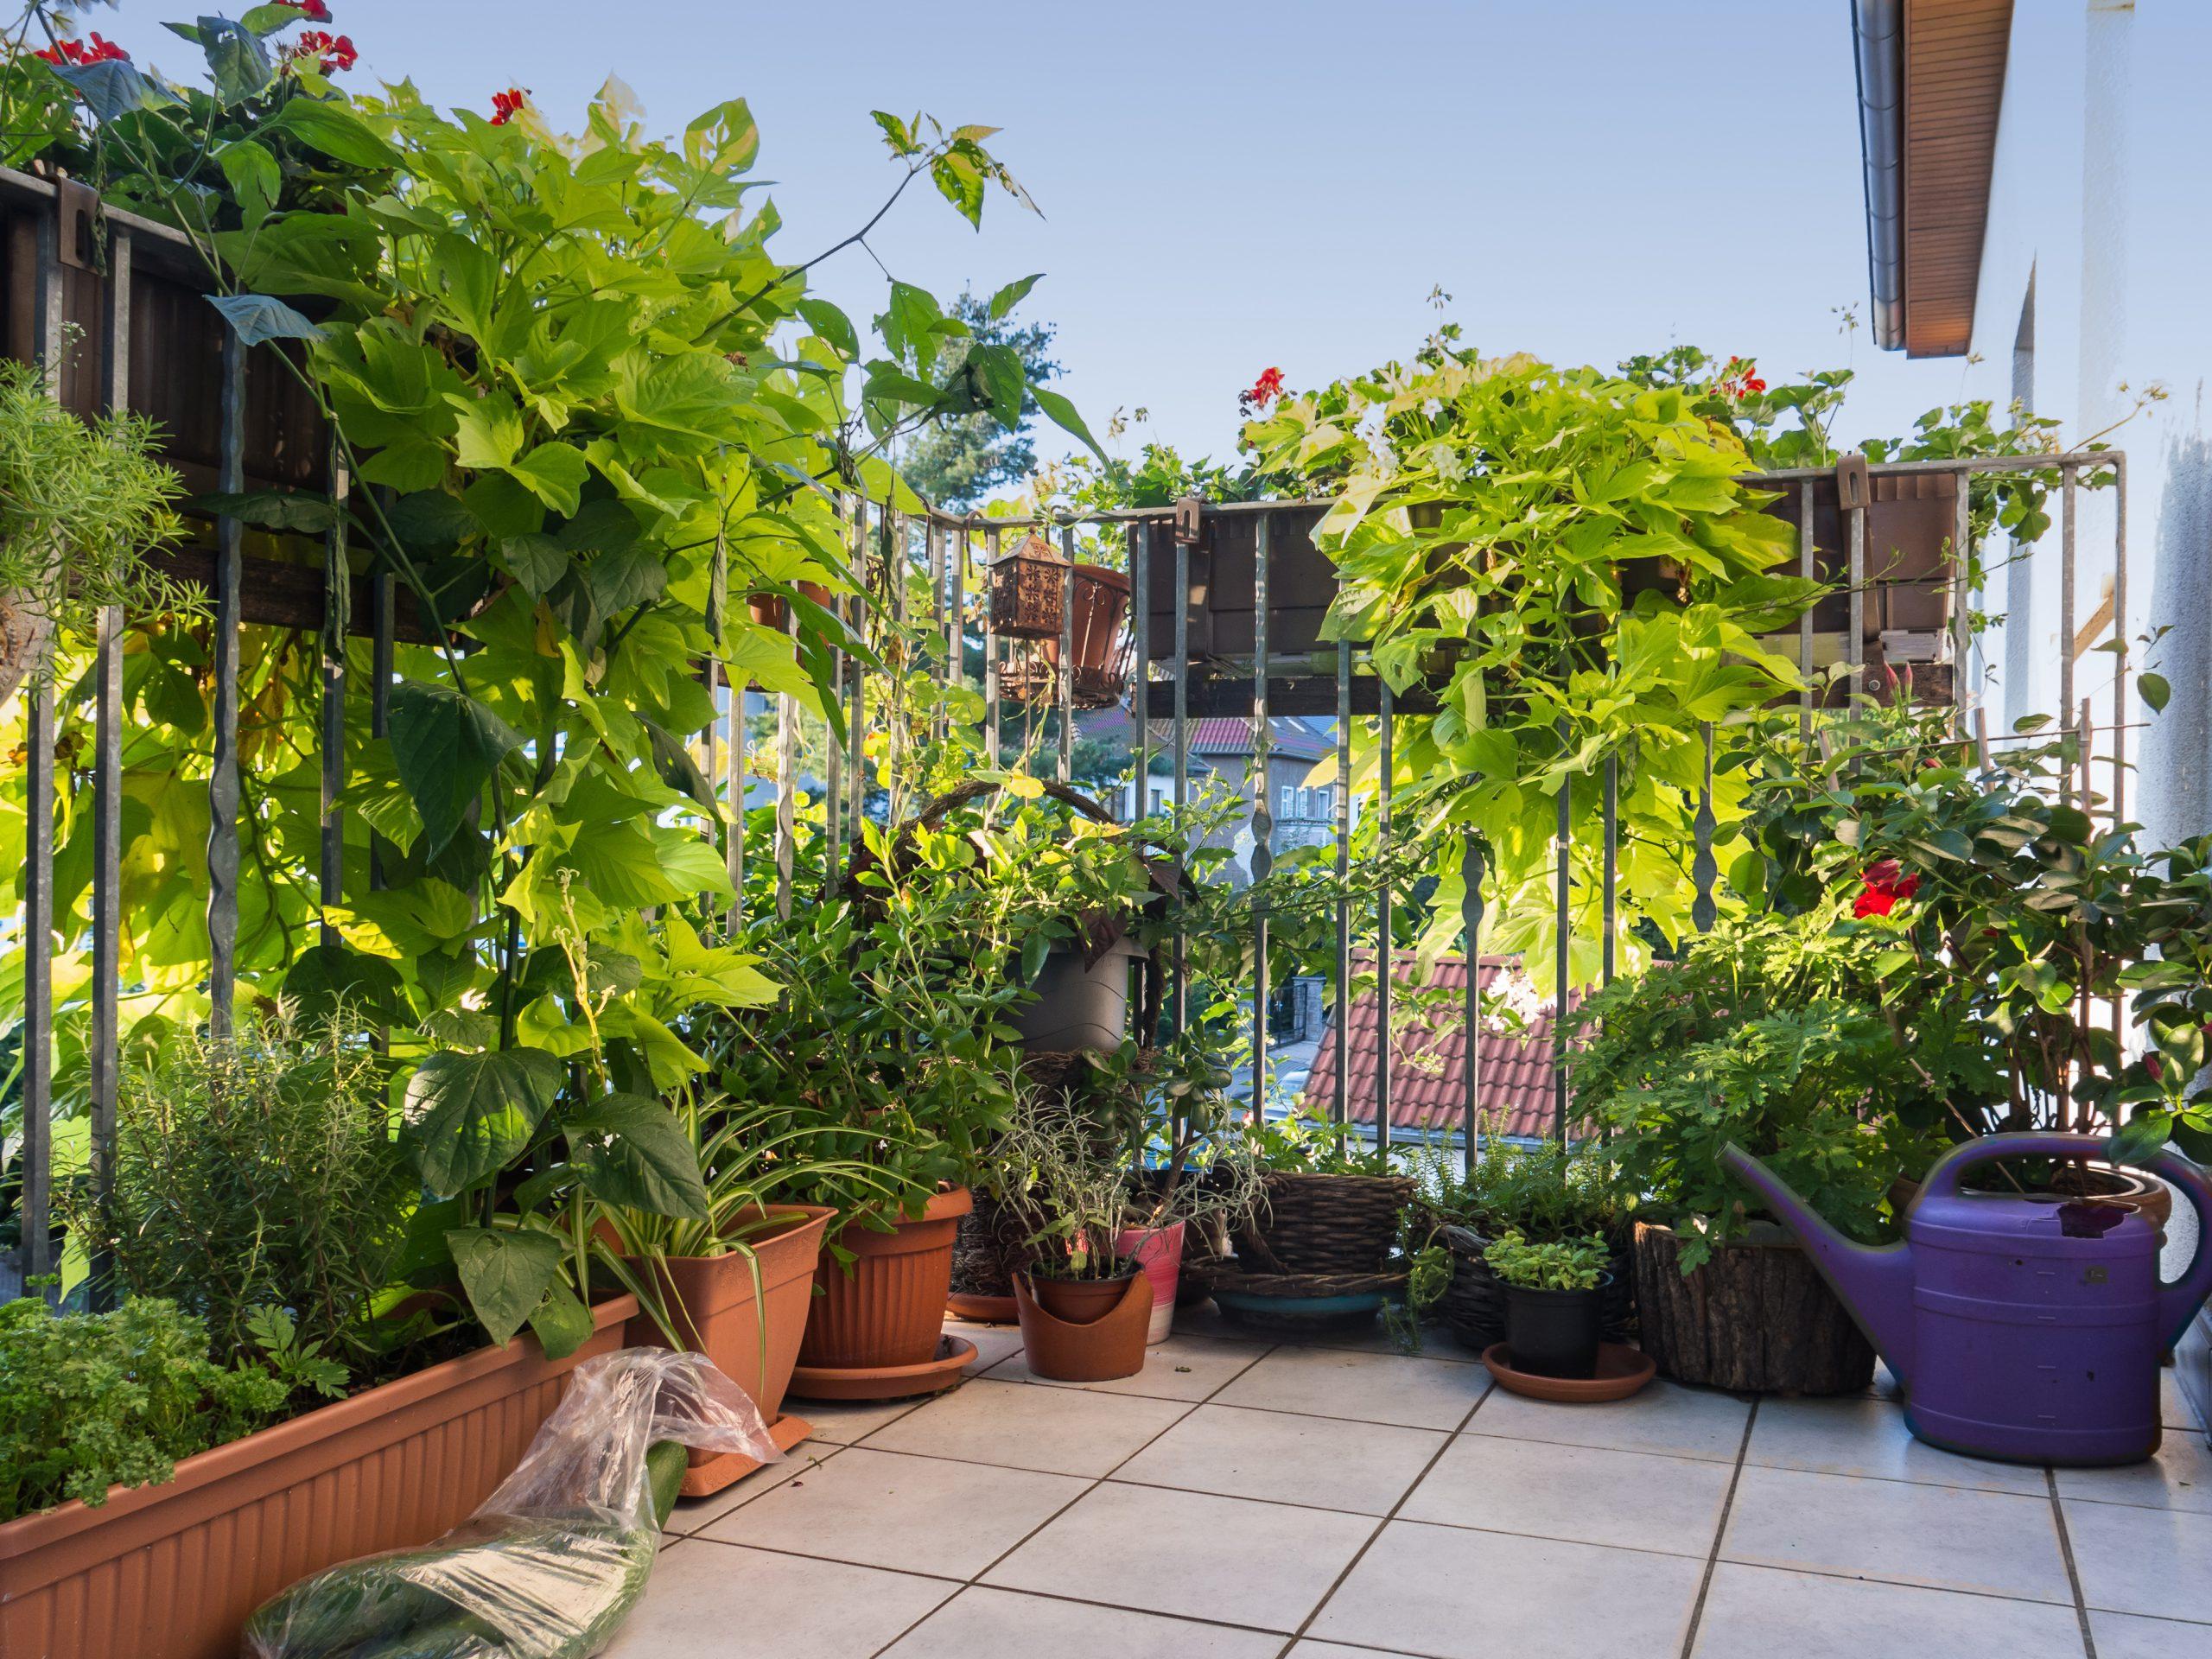 Full Size of Paravent Bambus Balkon Der Ideale Sichtschutz Von Materialauswahl Bis Zur Garten Bett Wohnzimmer Paravent Bambus Balkon